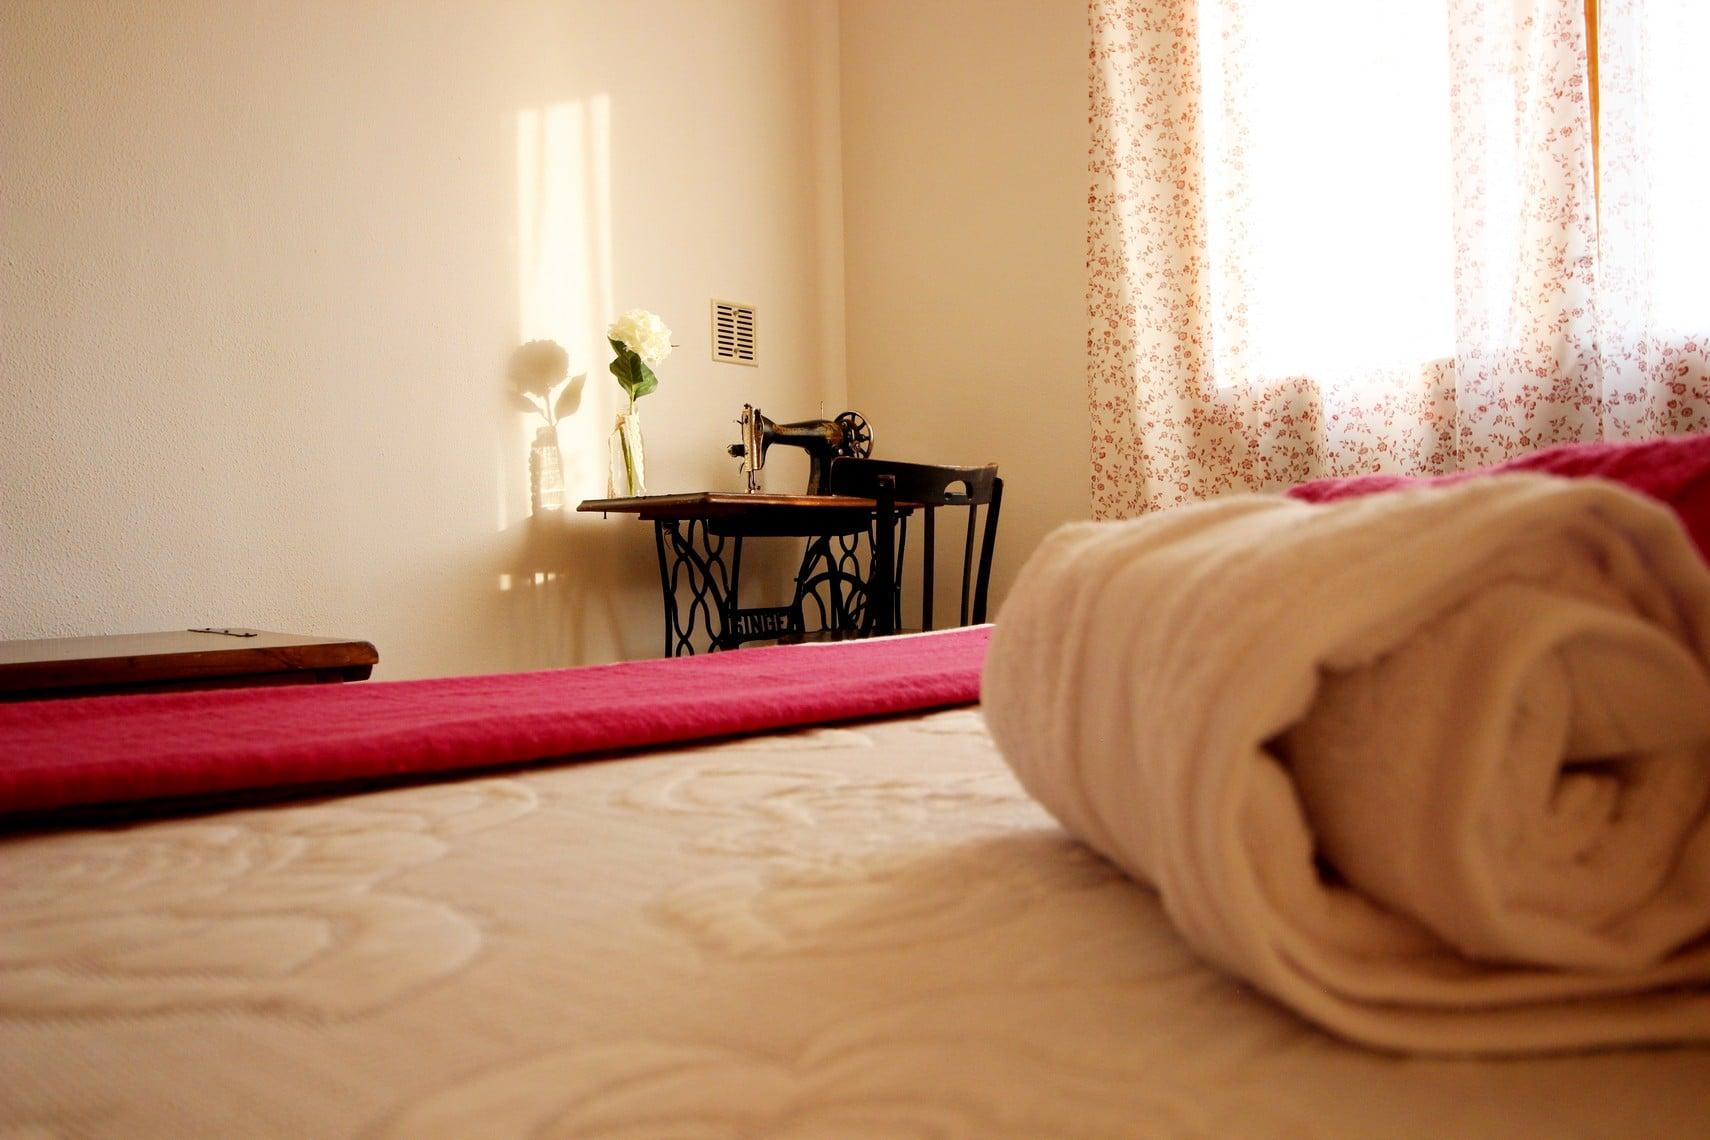 habitación4_las_hazas jarandilla013